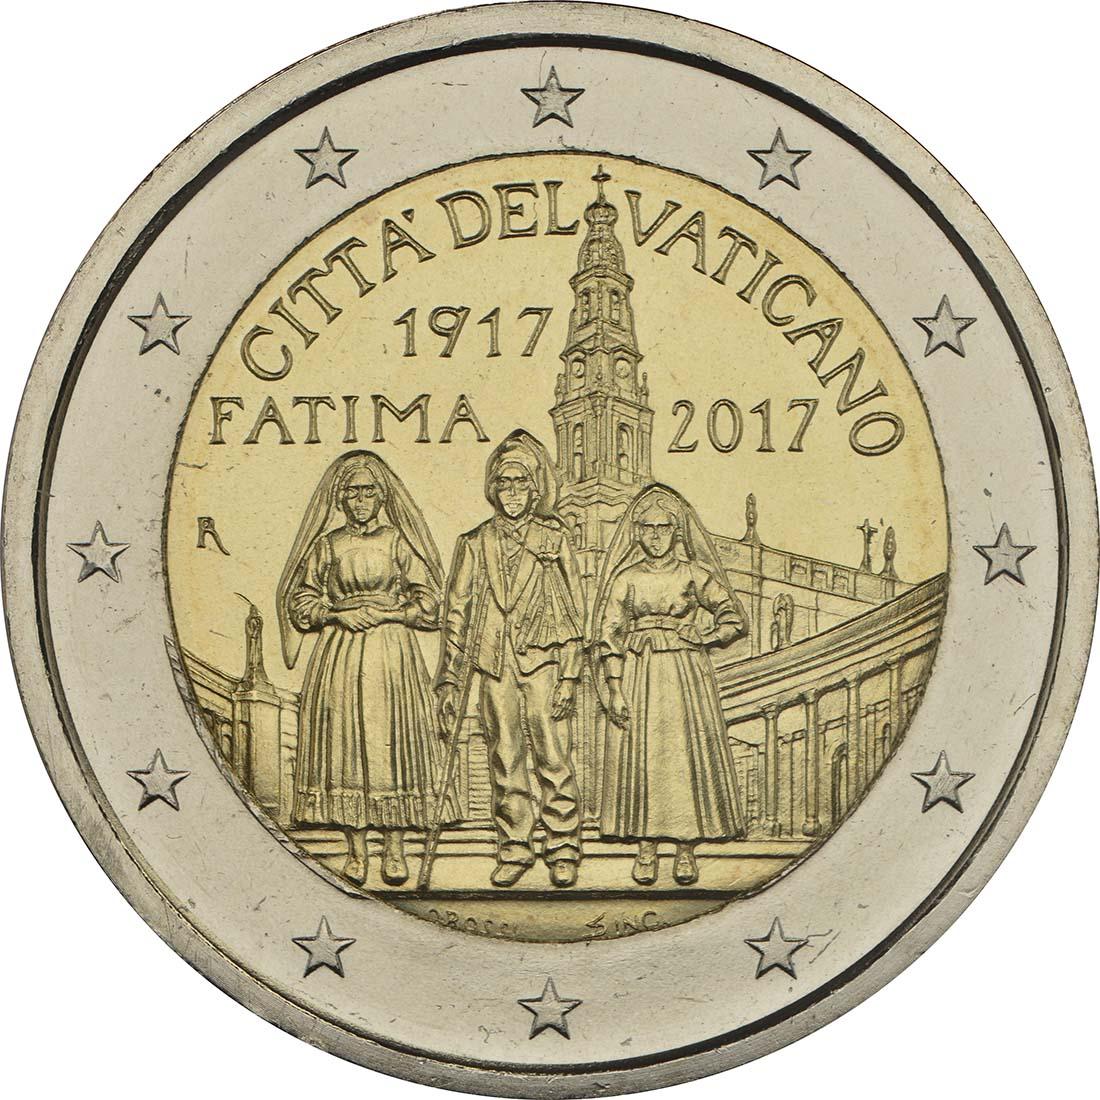 2017 284 Vatikan Fatima.jpg